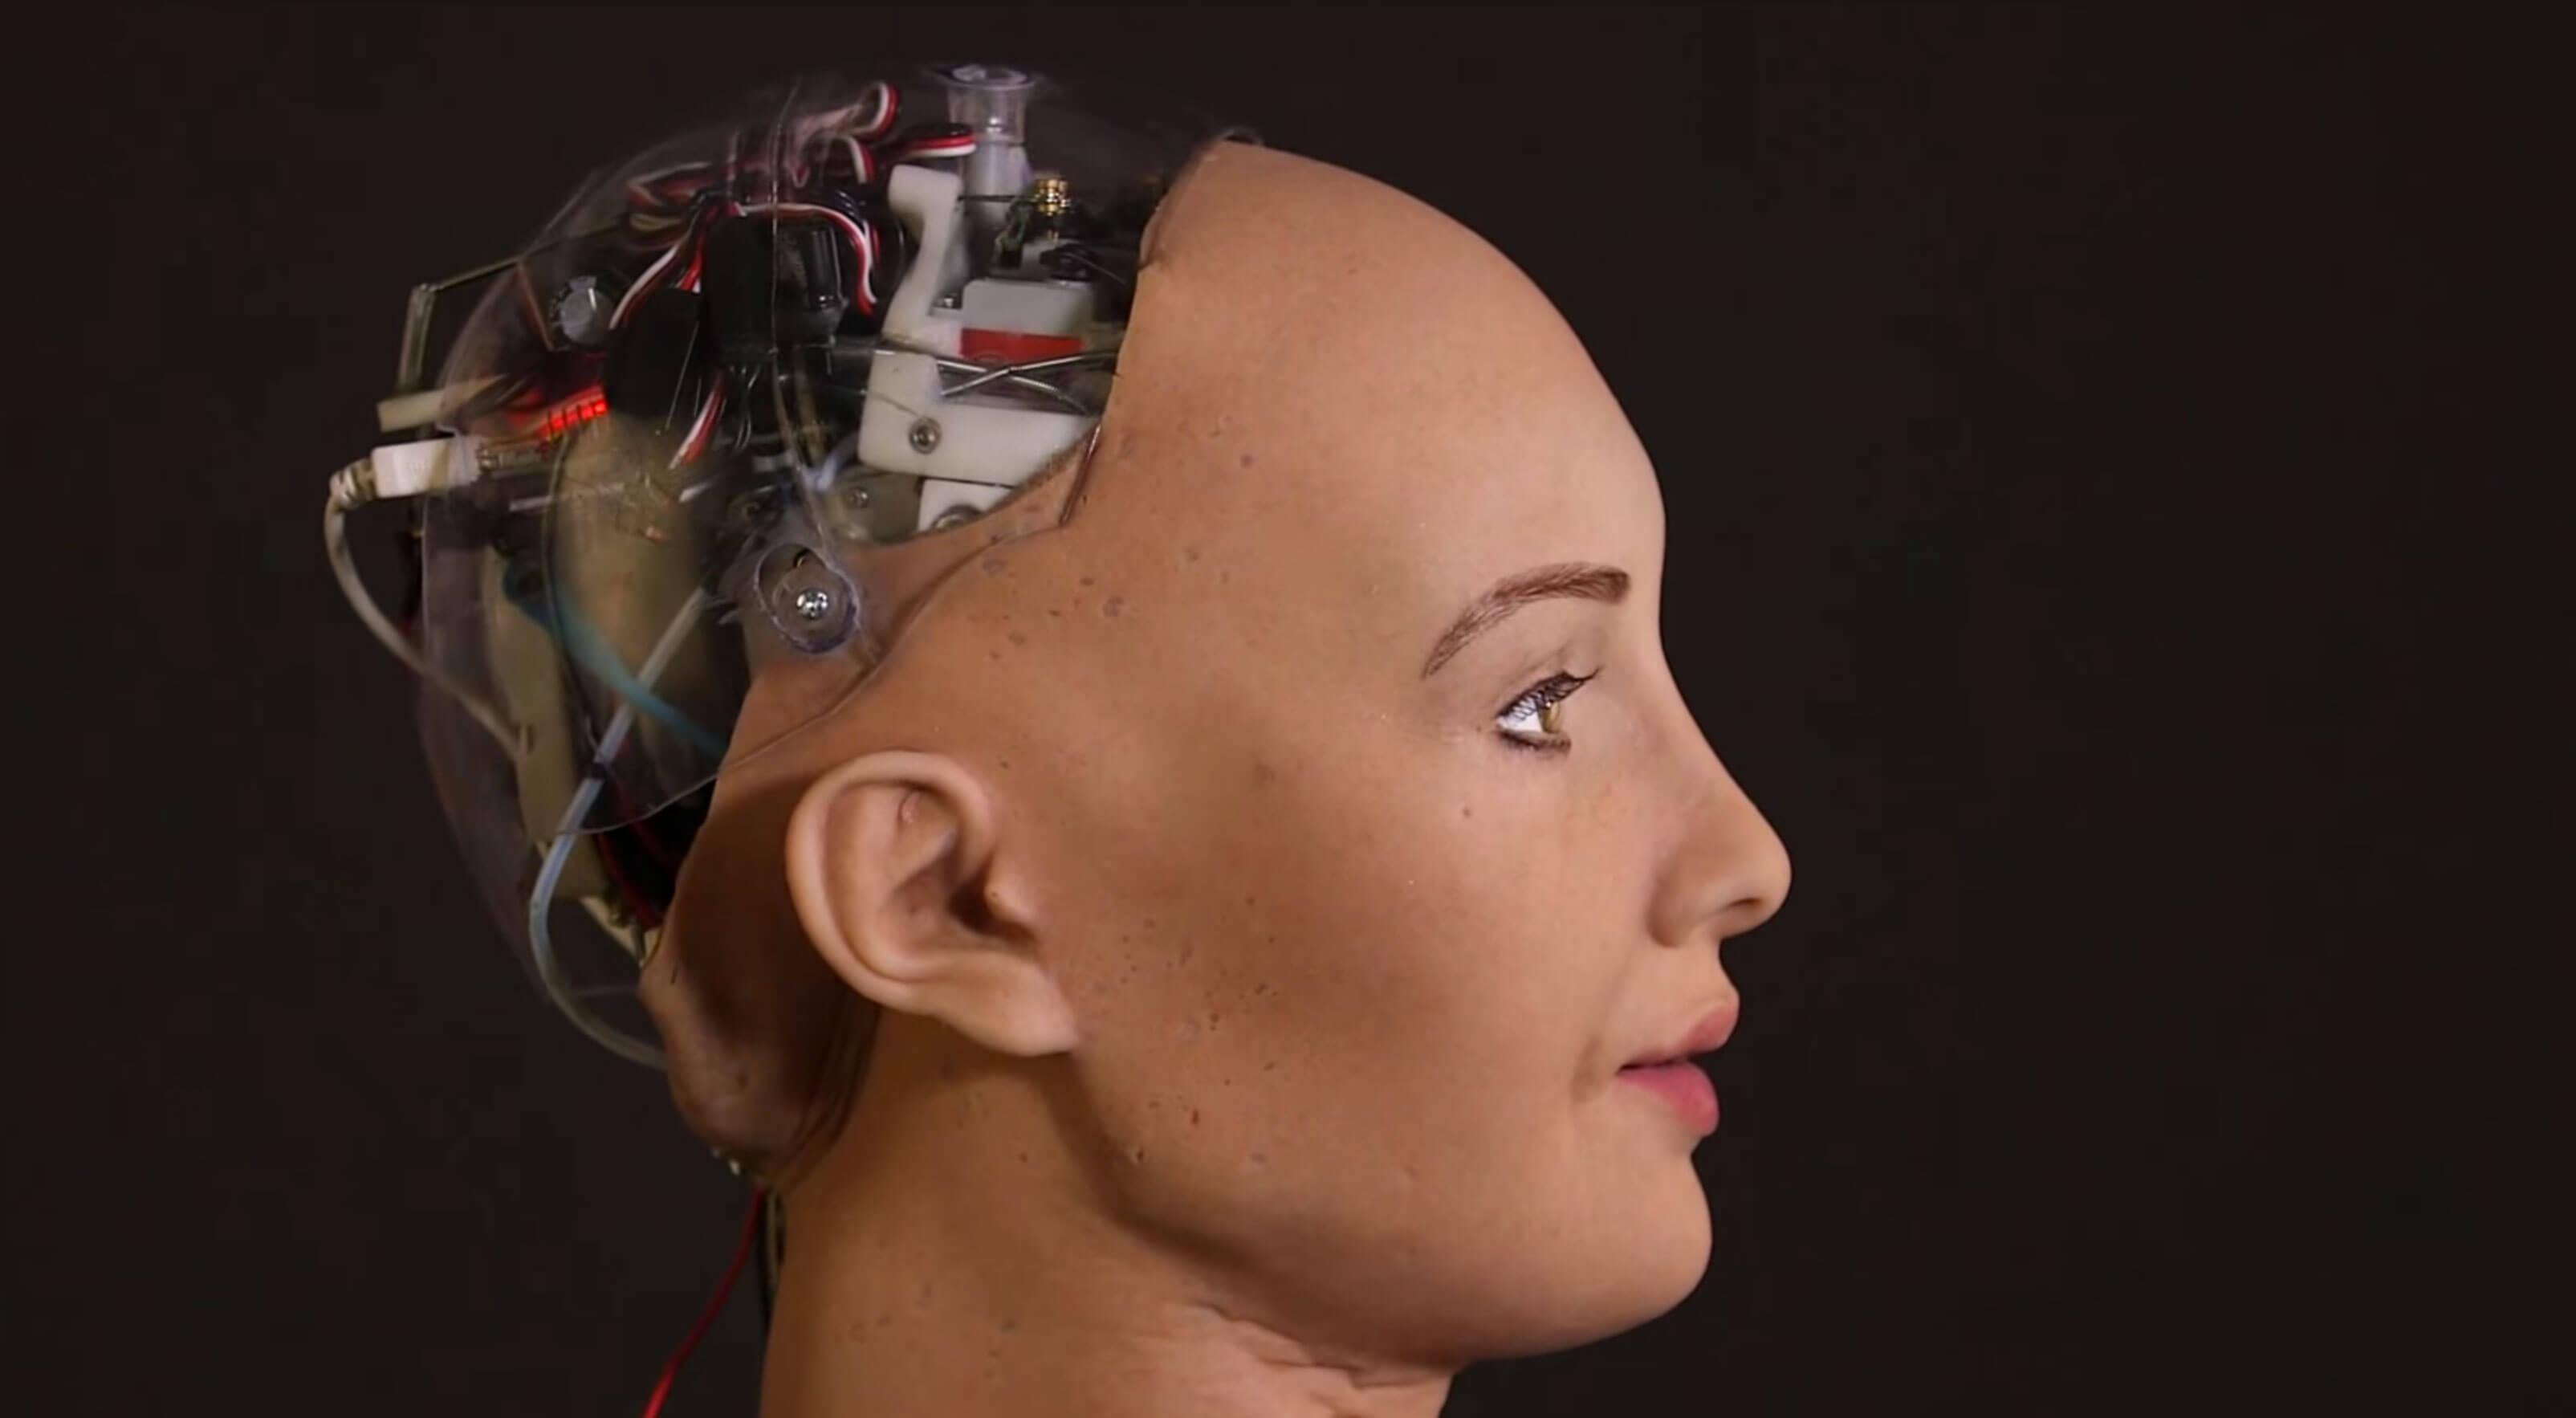 Дождемся ли мы серийного производства гуманоидных роботов? - 1